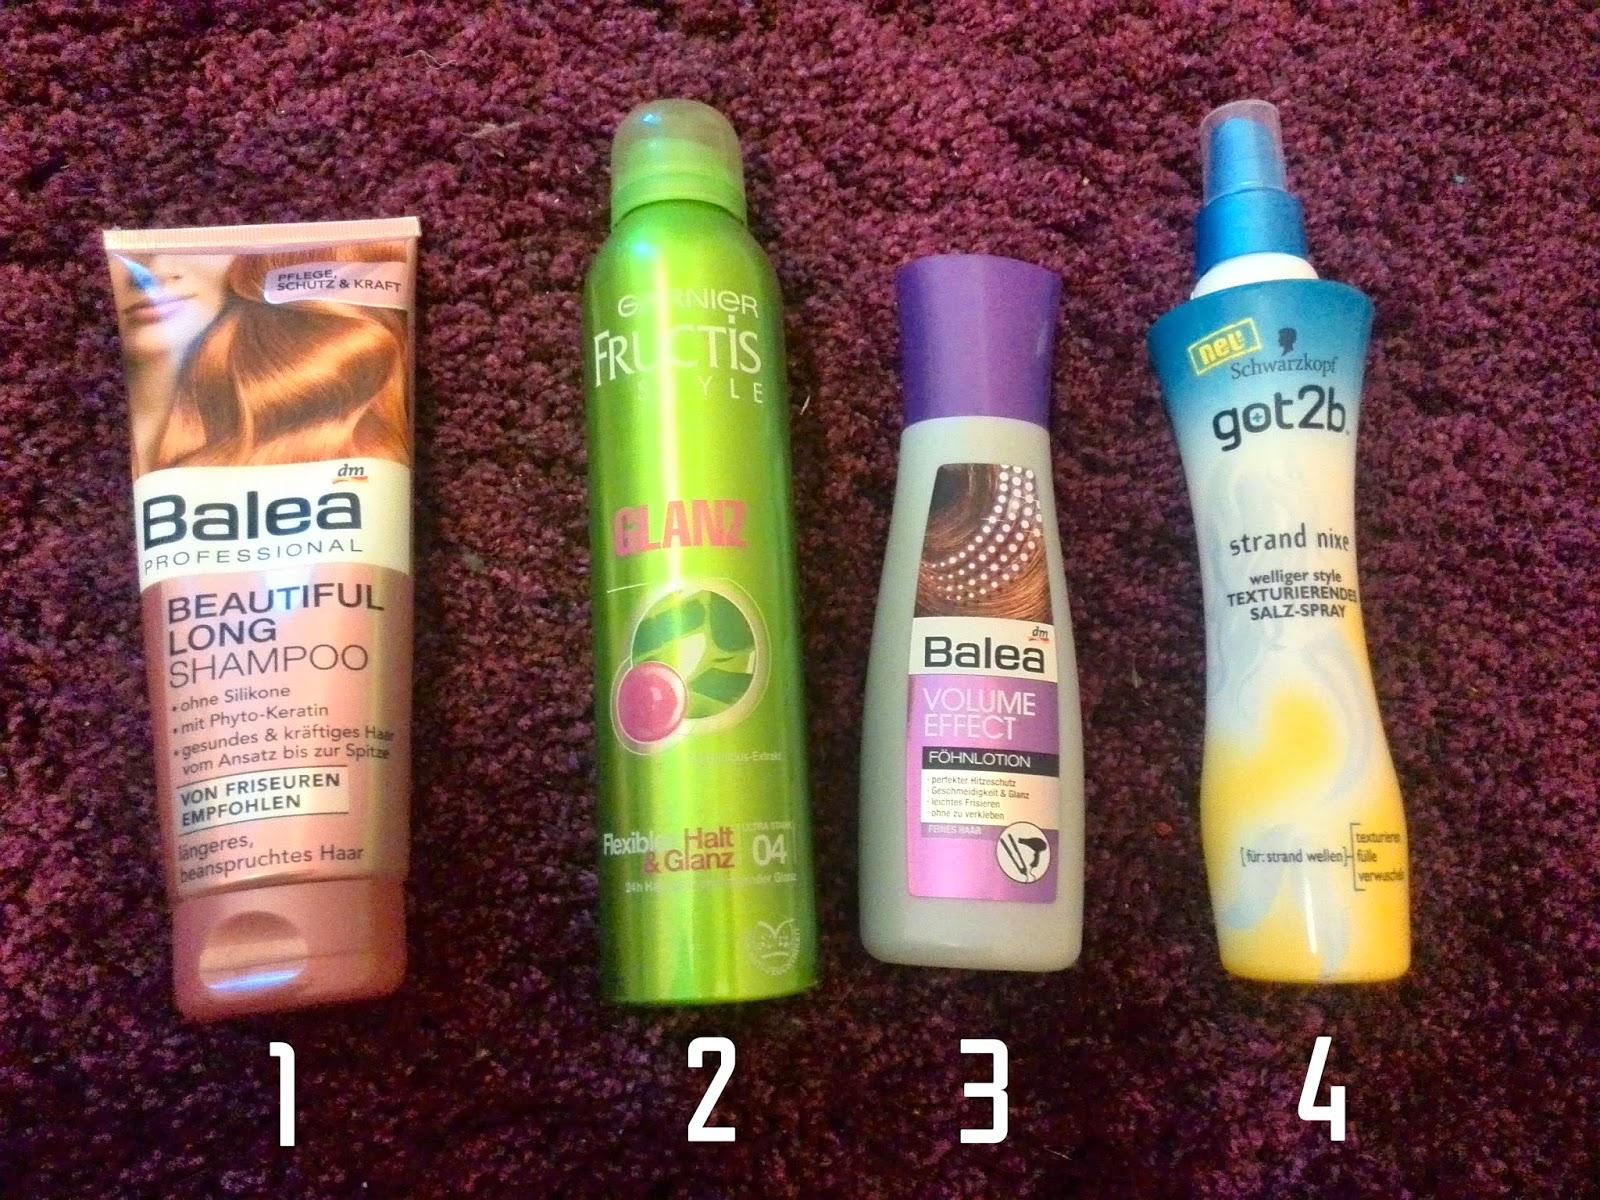 haare schneller wachsen lassen shampoo dm frisuren beliebt in